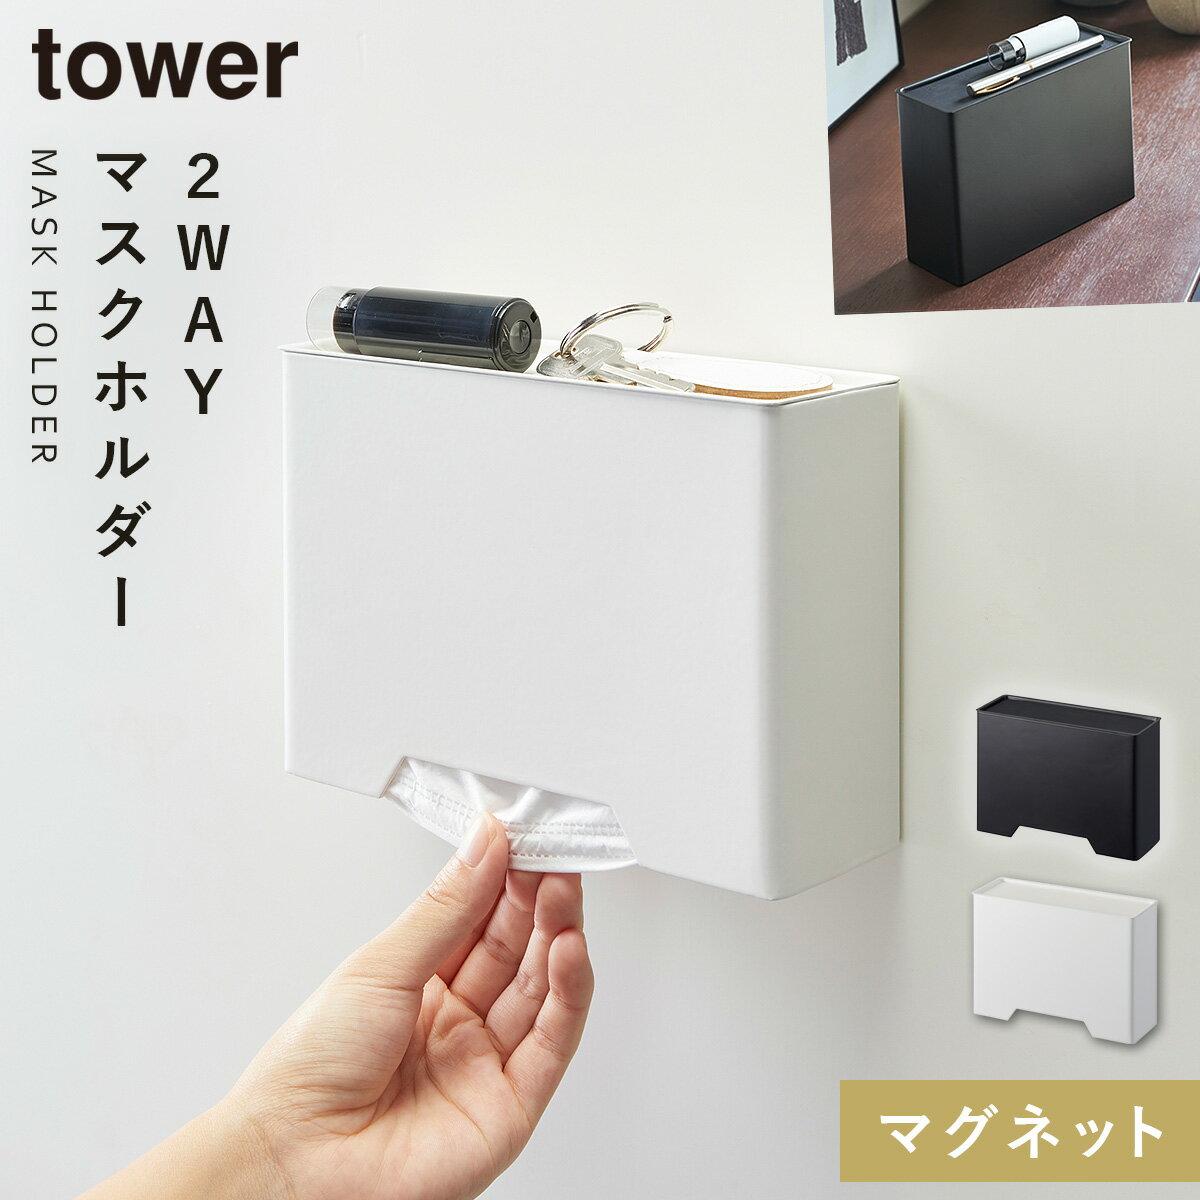 マスク ケース マスクホルダー マスク 収納 マスク入れ マグネット タワー tower シンプル ホワイト ブラック